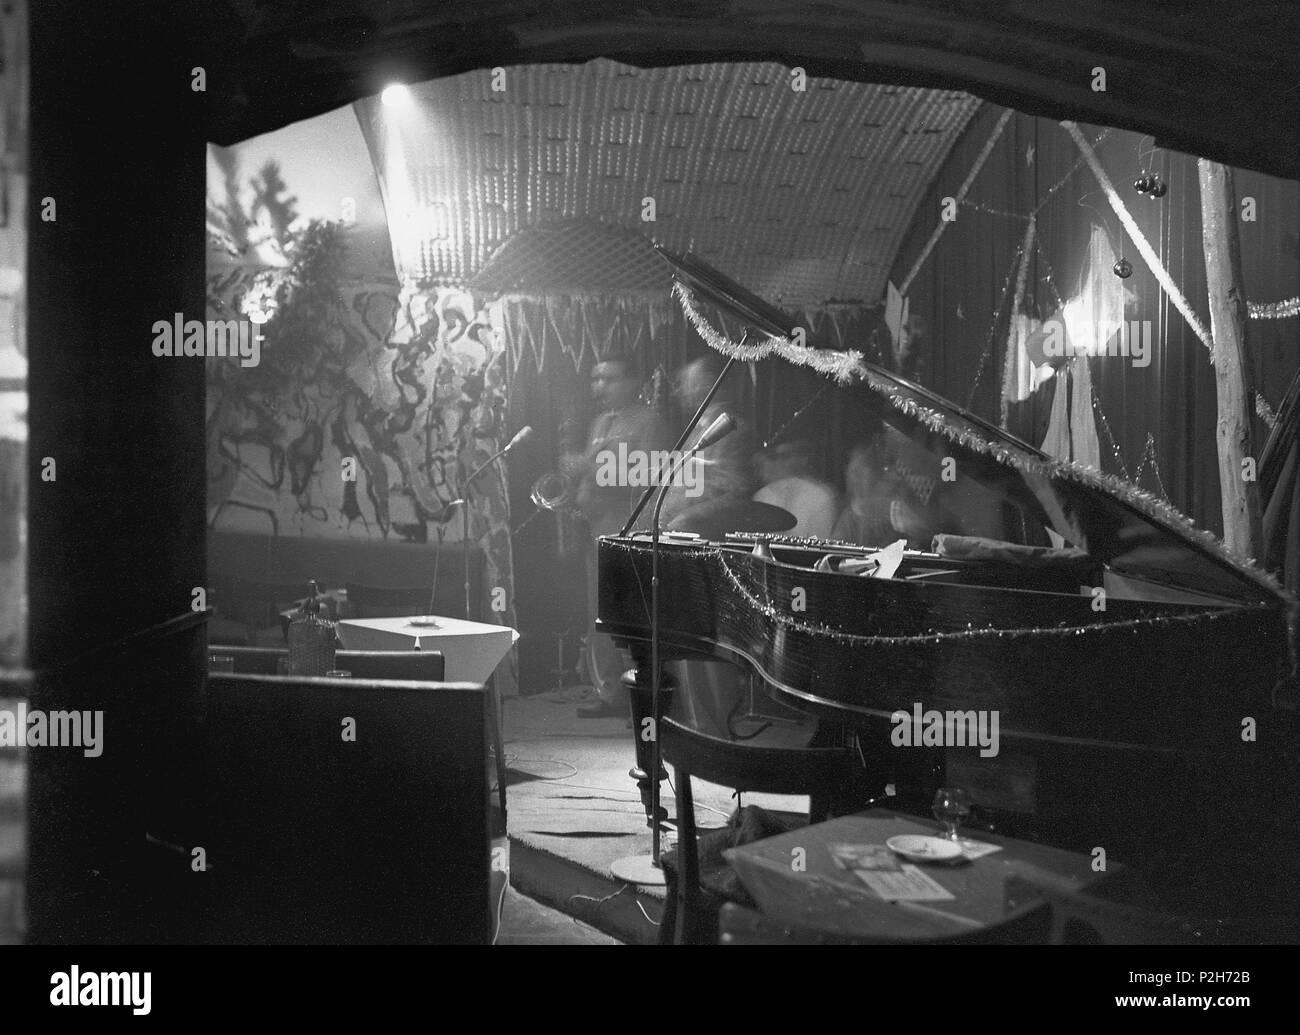 ee02d28c7 Concierto de jazz en la sala Jamboree. Barcelona, a principios de ...